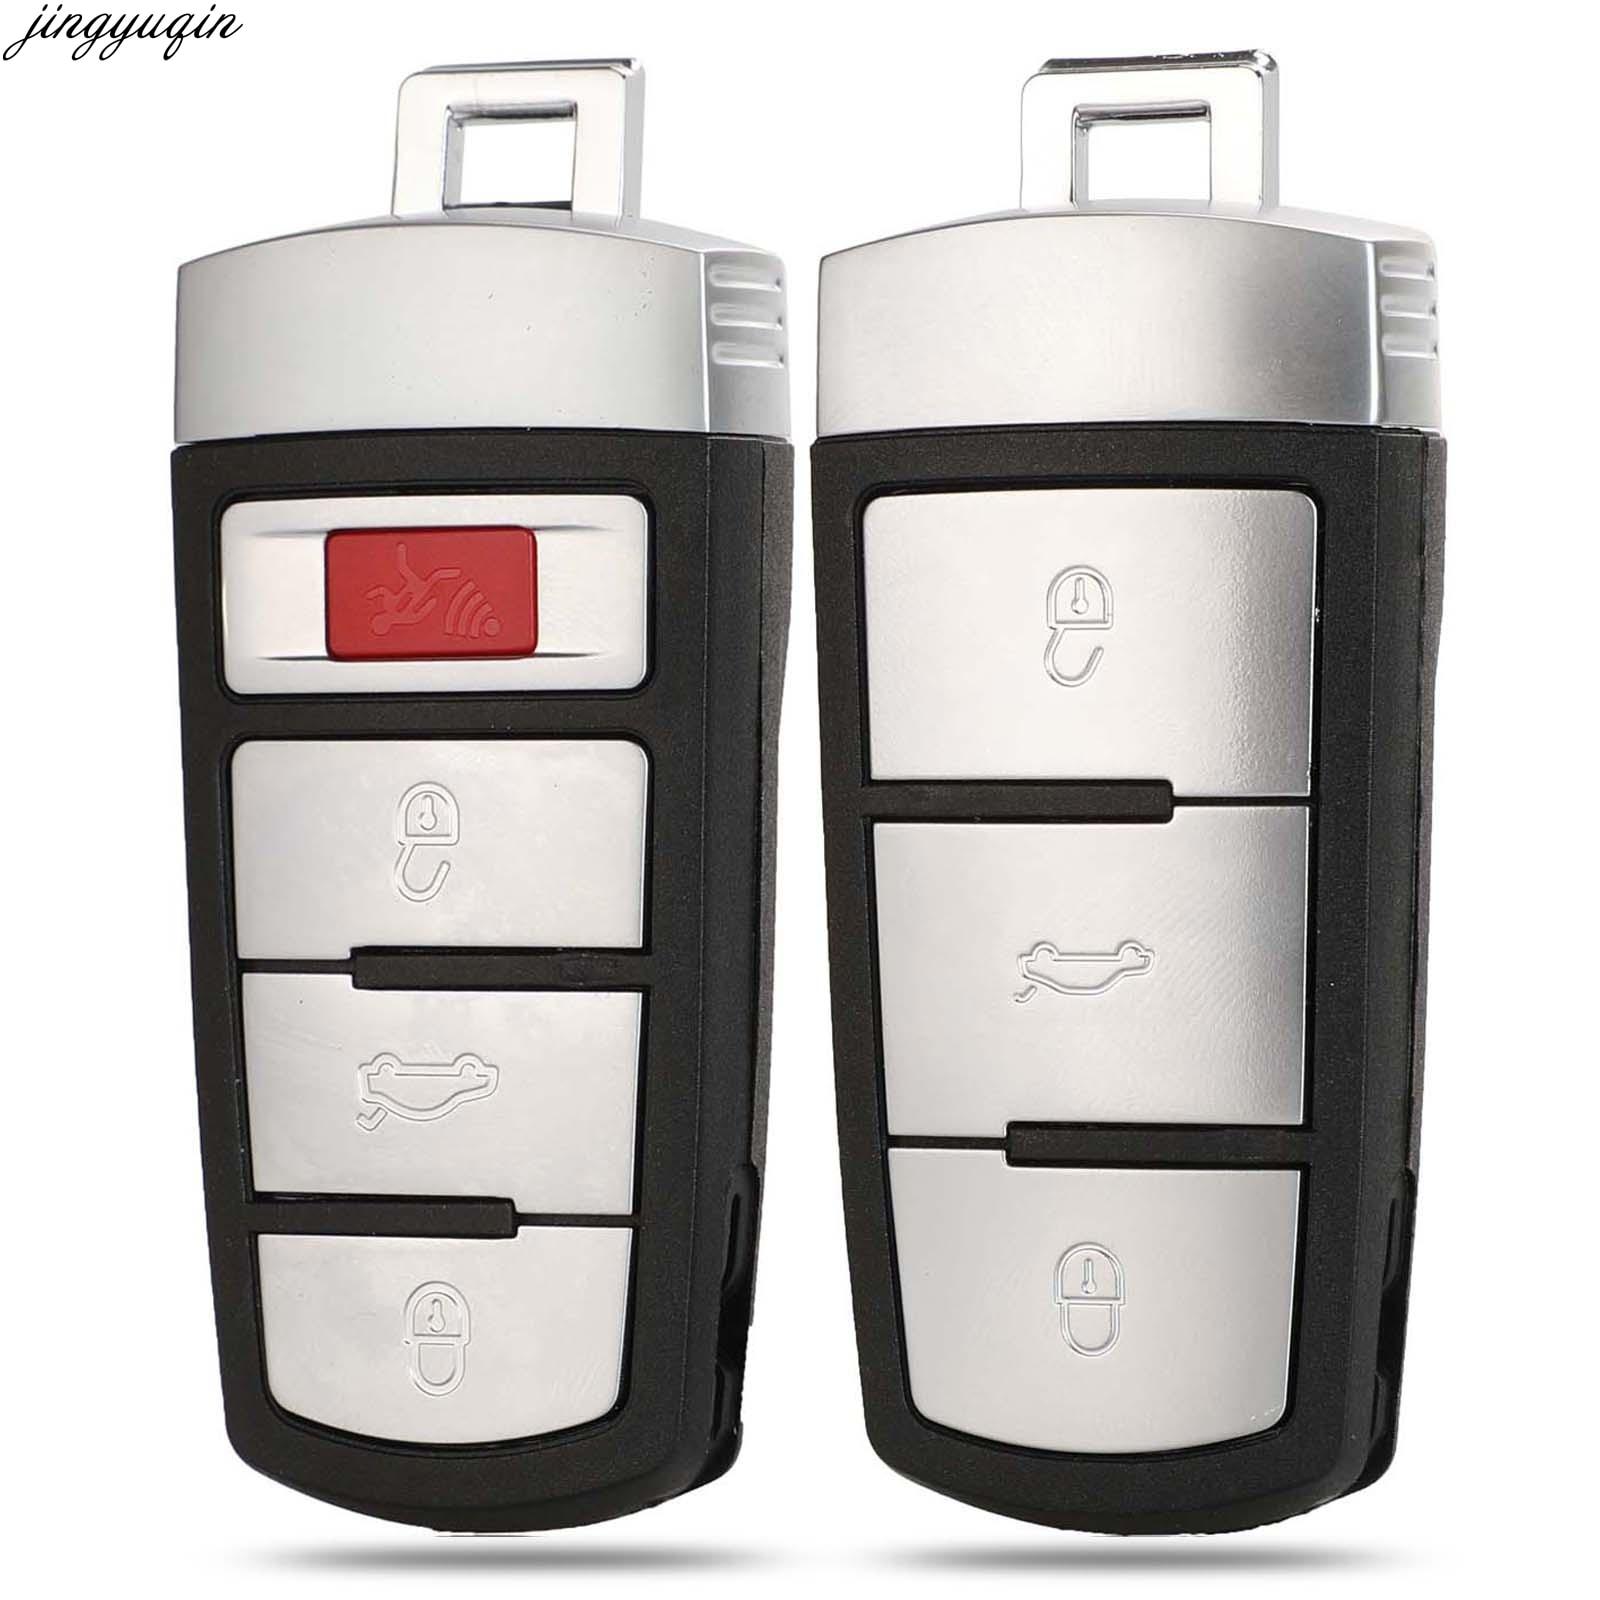 Jingyuqin-funda para mando a distancia del coche para Volkswagen Passat B6 3C B7 Magotan CC 3/4 botones, mando a distancia inteligente sin llave